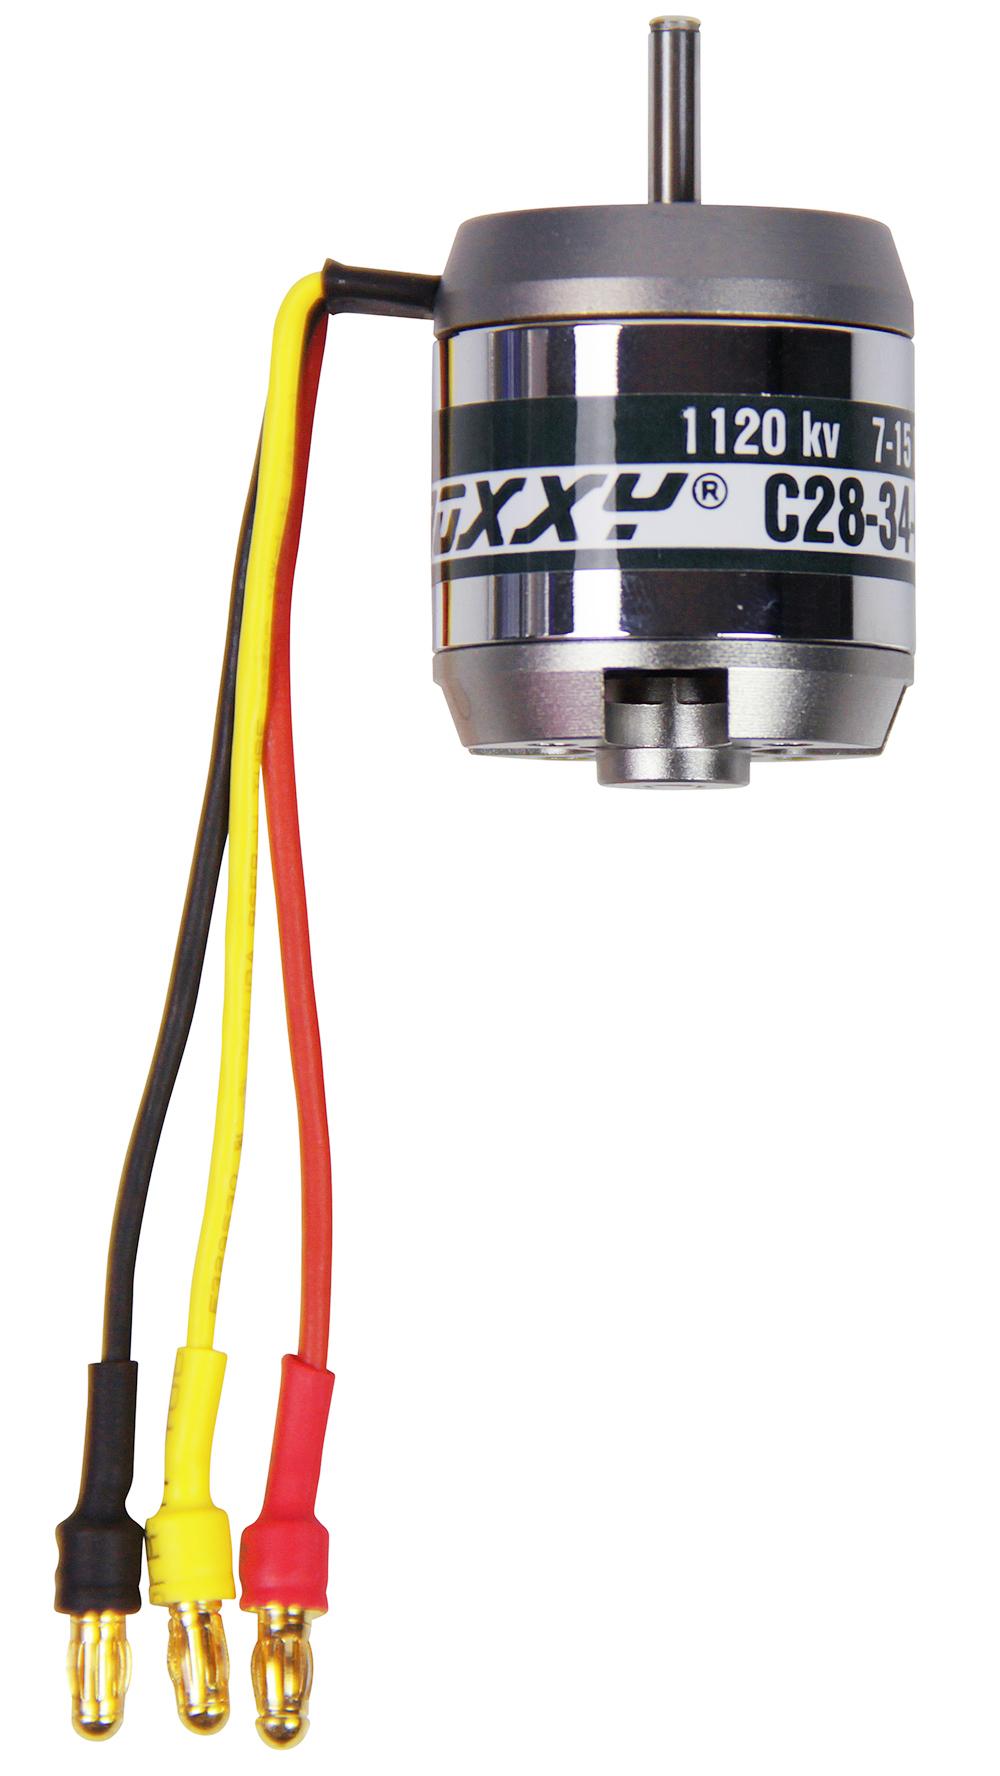 Multiplex ROXXY BL Outrunner C28-34-1120kV